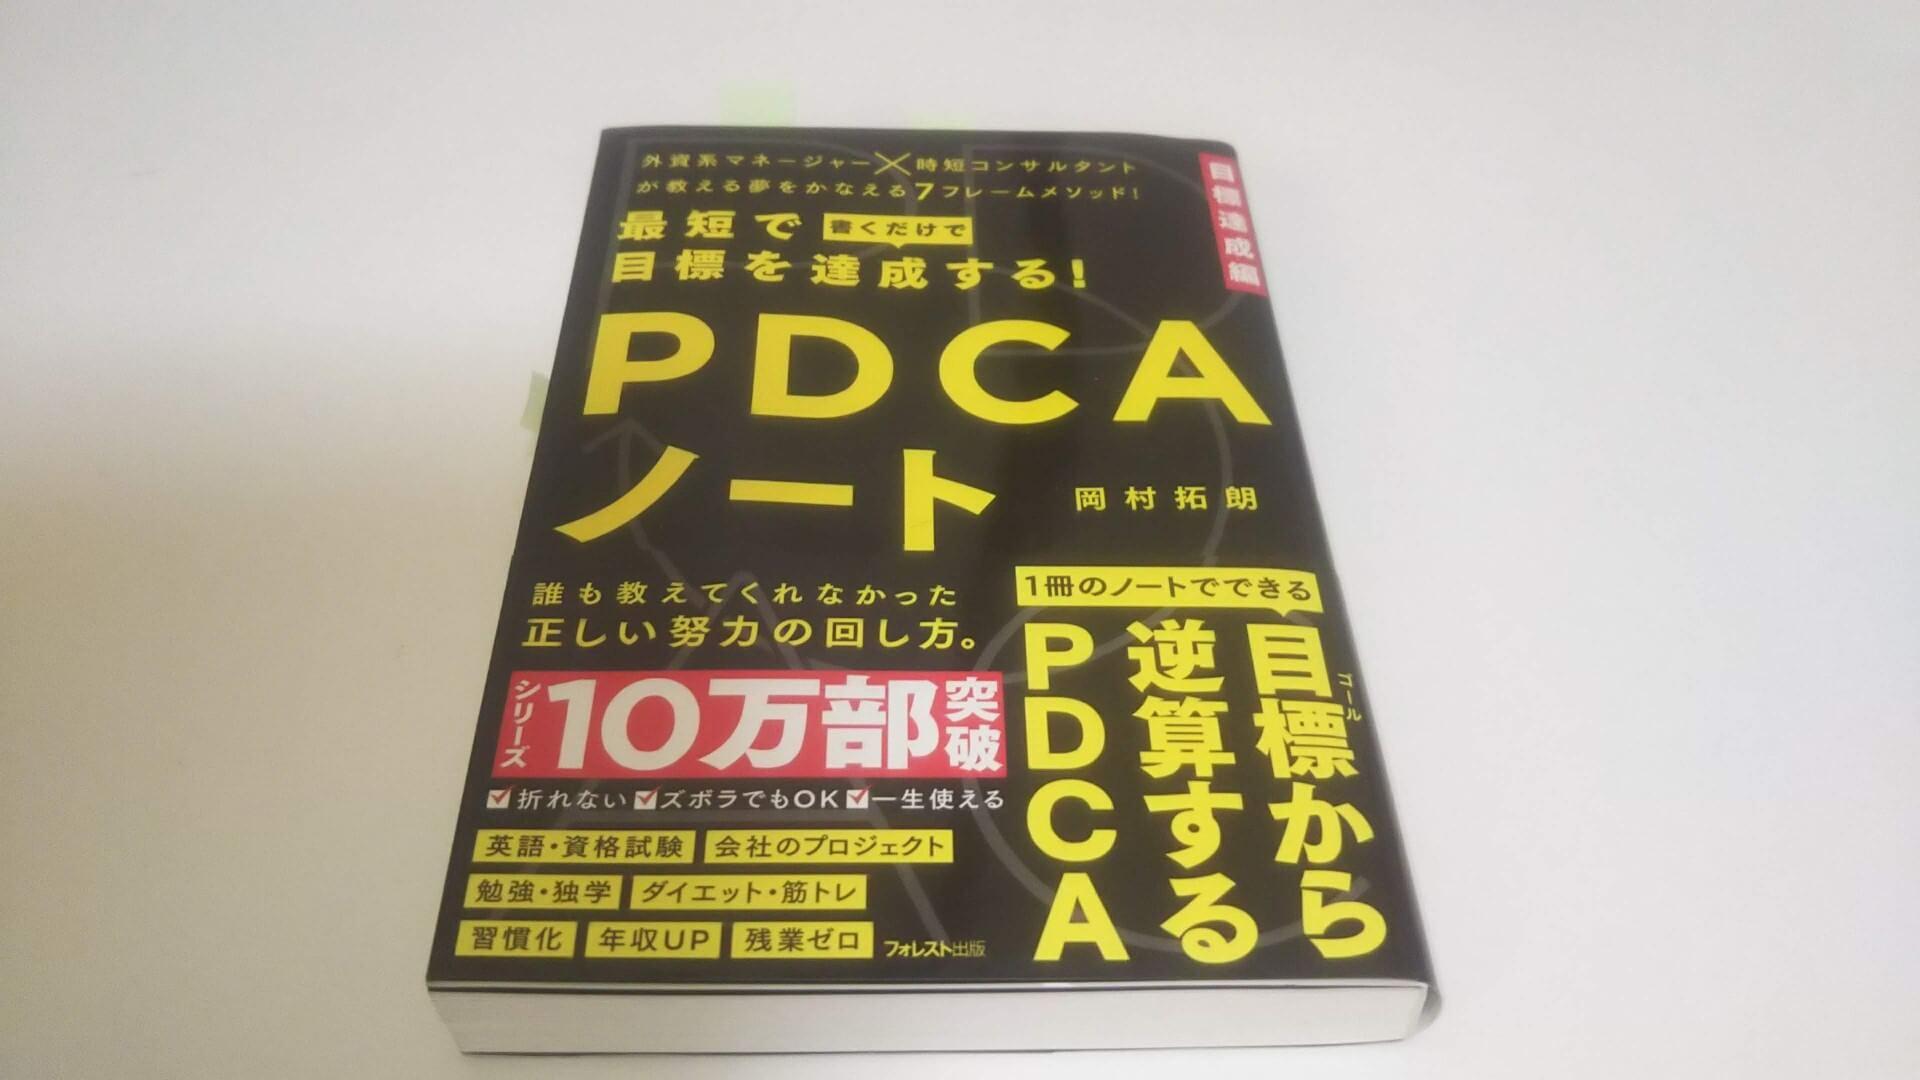 書籍「最短で目標を達成する!PDCAノート」表紙